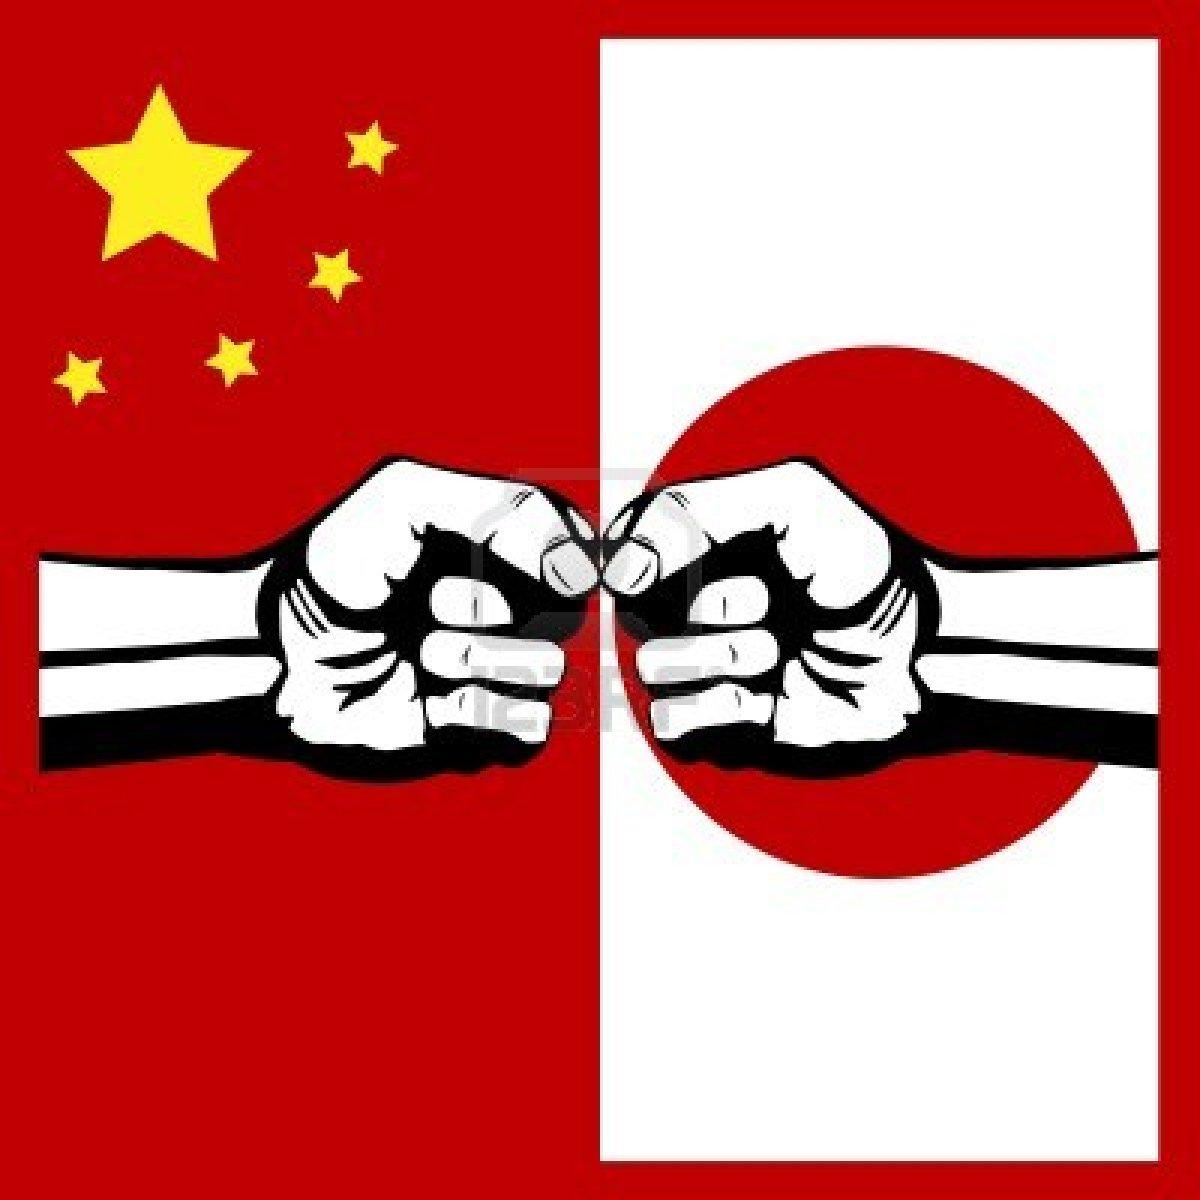 Çin'den Japonya'ya uyarı